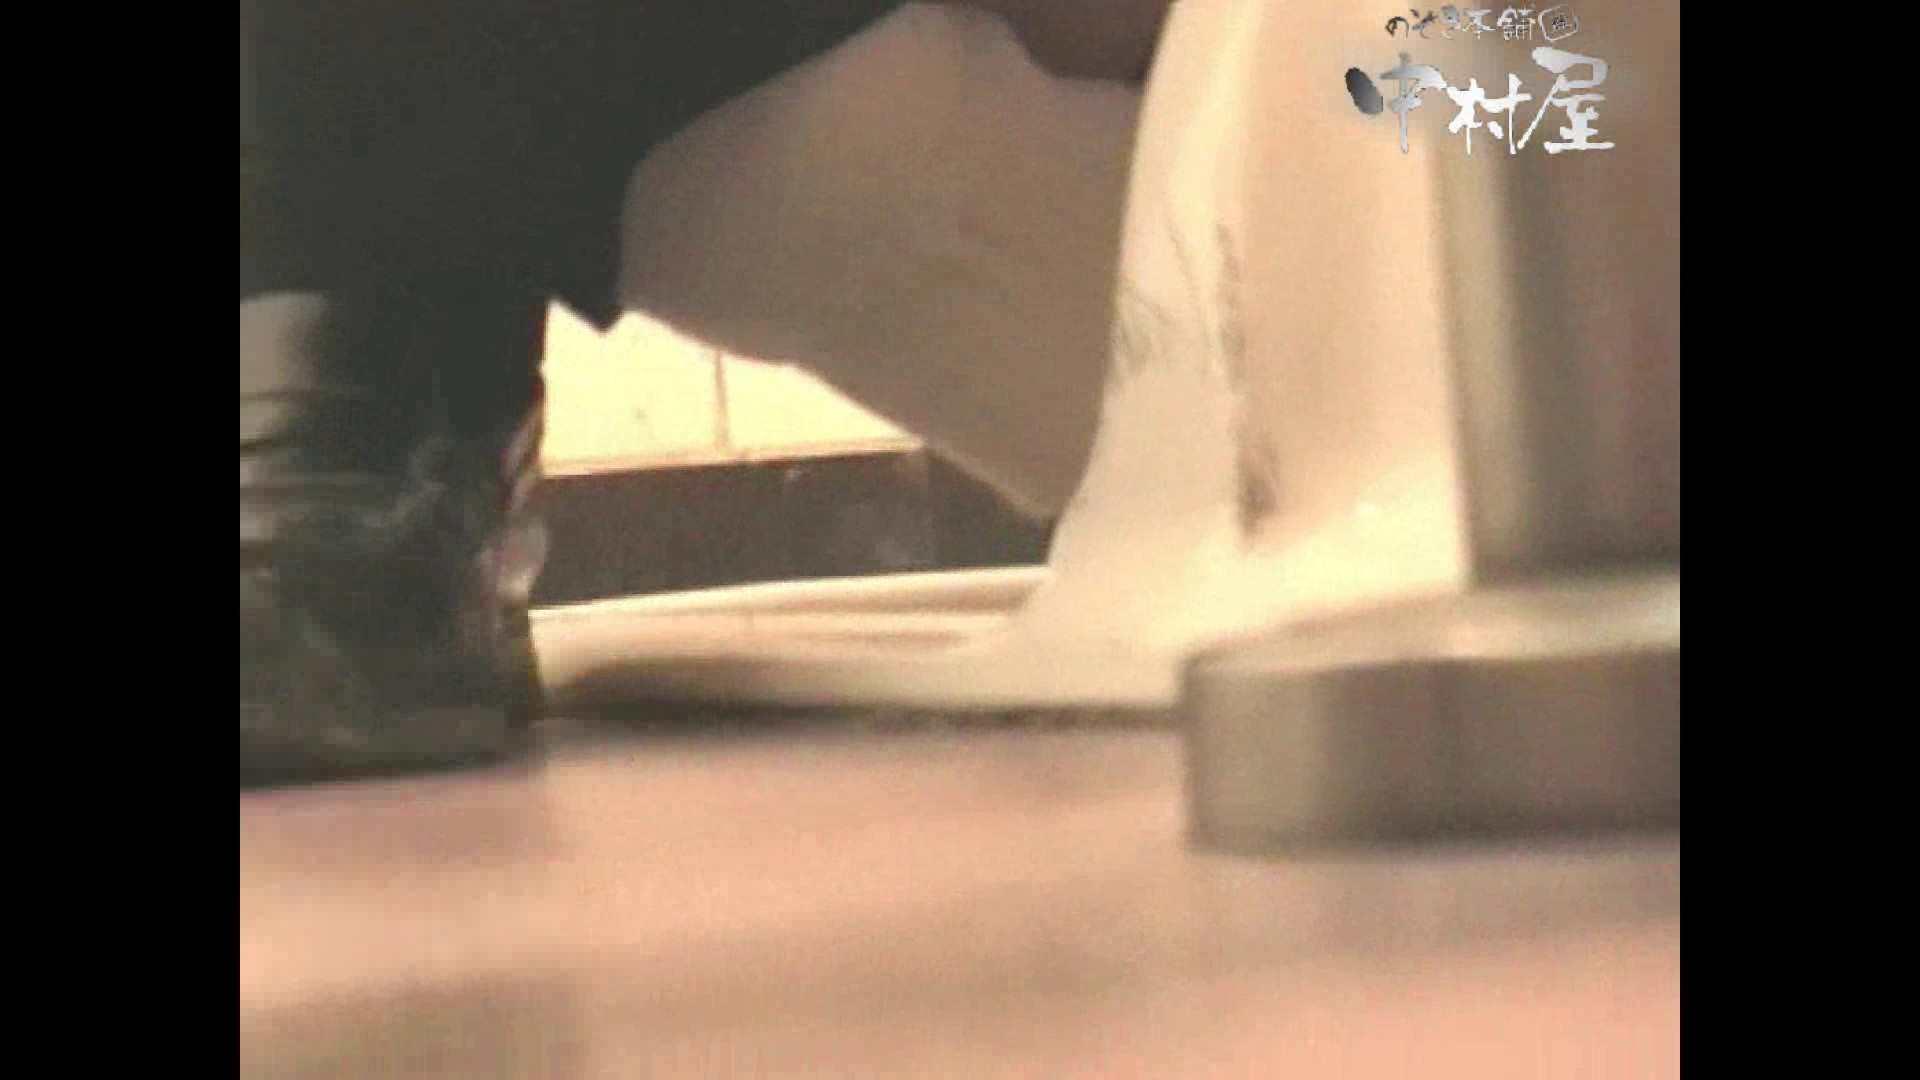 岩手県在住盗撮師盗撮記録vol.05 モロだしオマンコ おまんこ動画流出 77pic 74